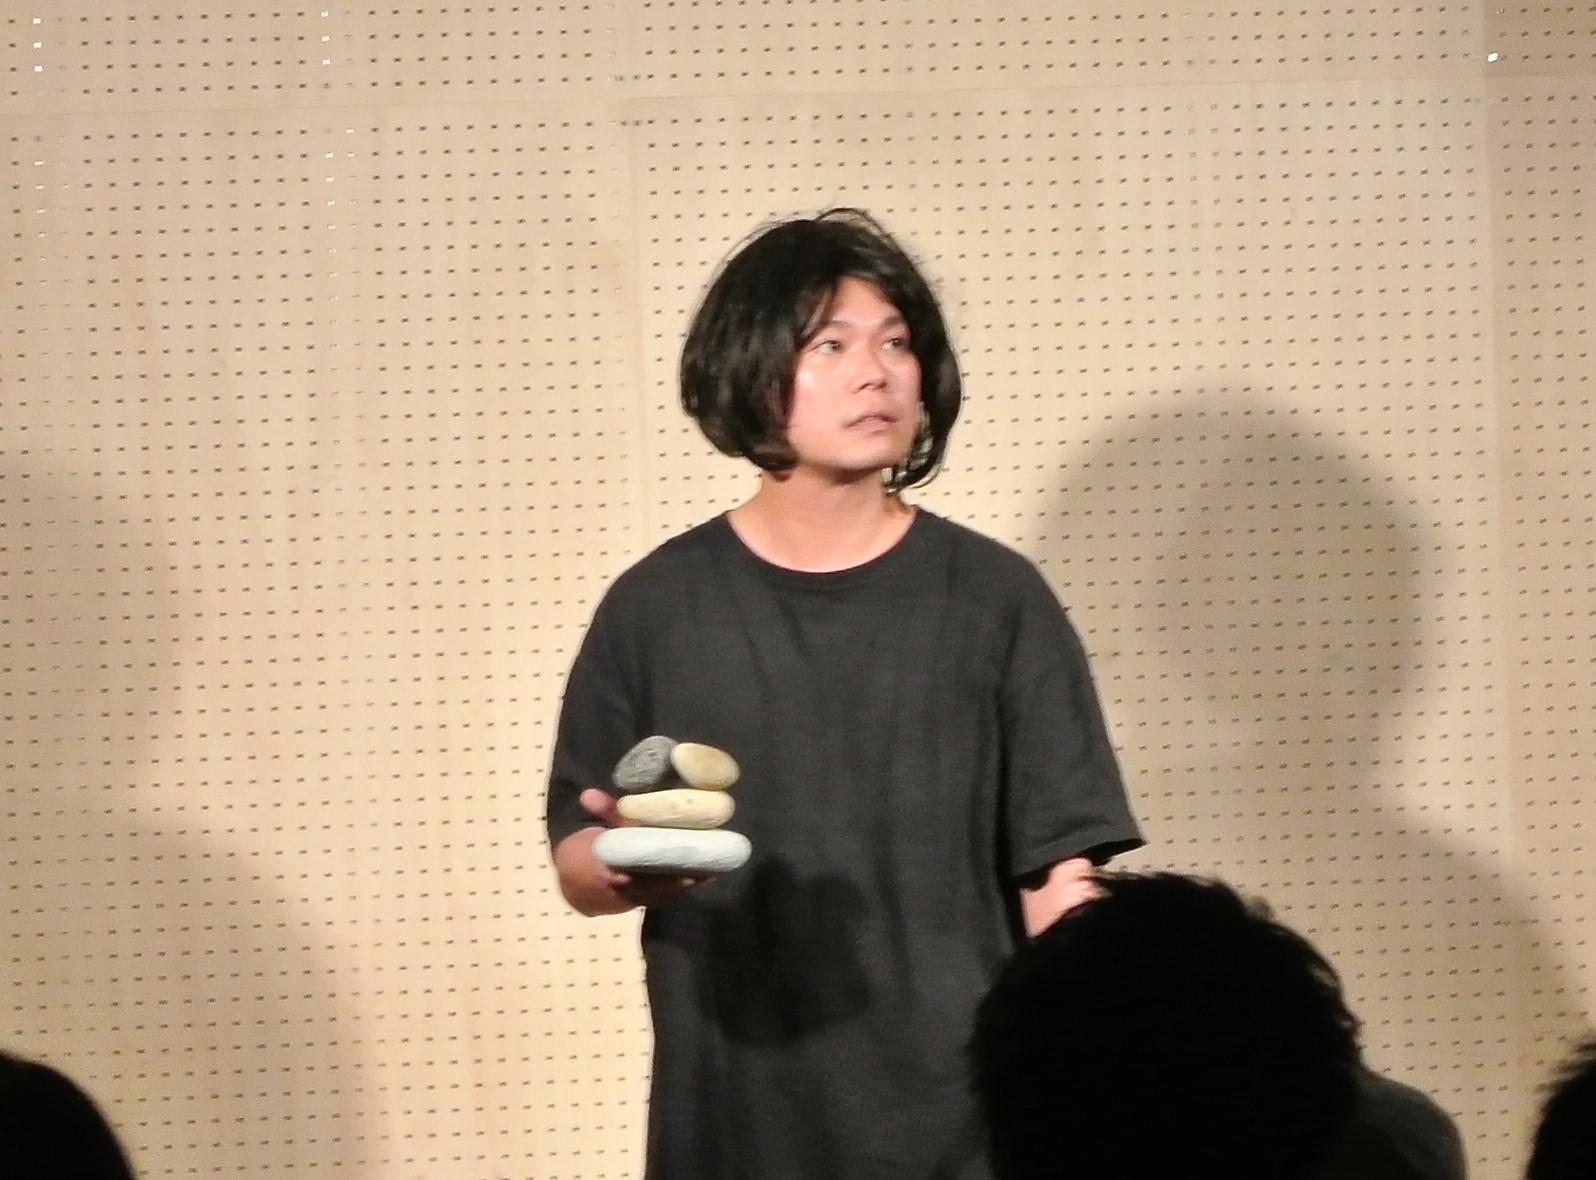 http://news.yoshimoto.co.jp/20171012190635-5c9ddc5ad34e6267e94b9a3a9f941325594ecff3.jpg